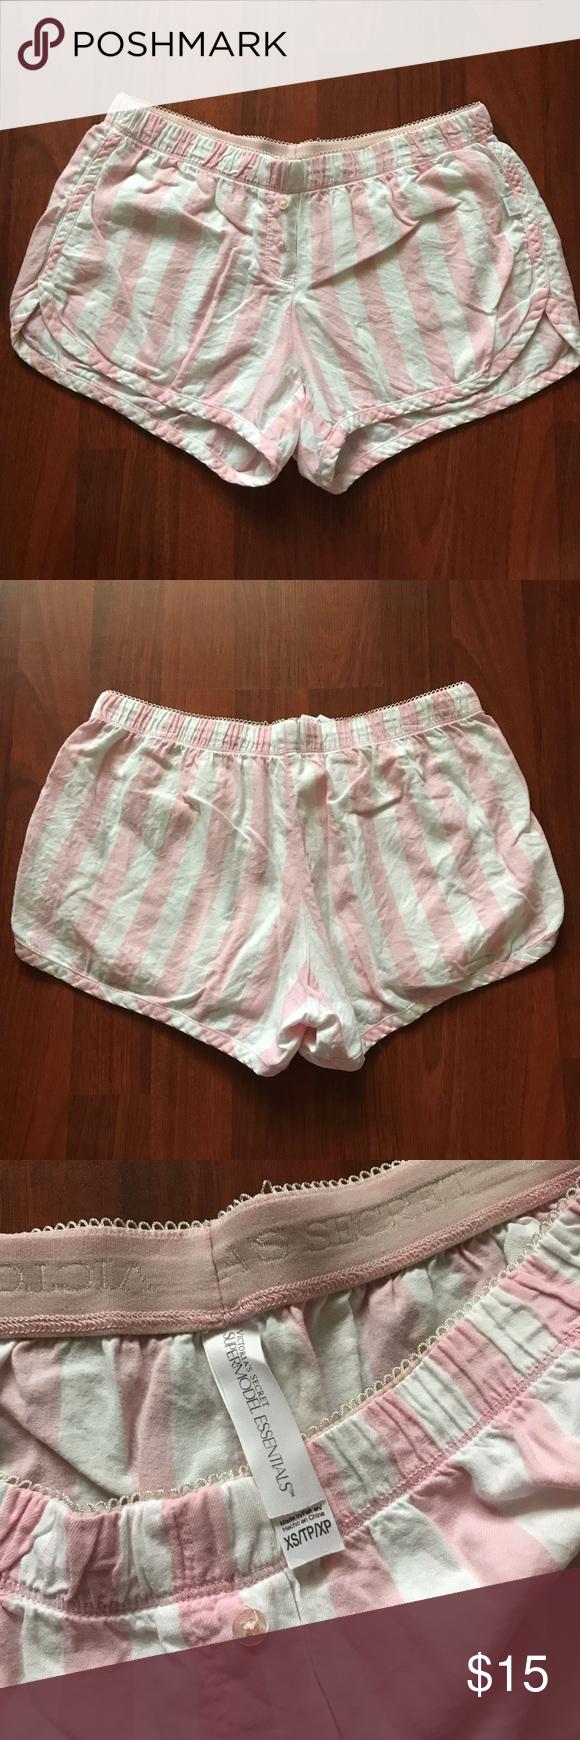 victoria secret boxer shorts